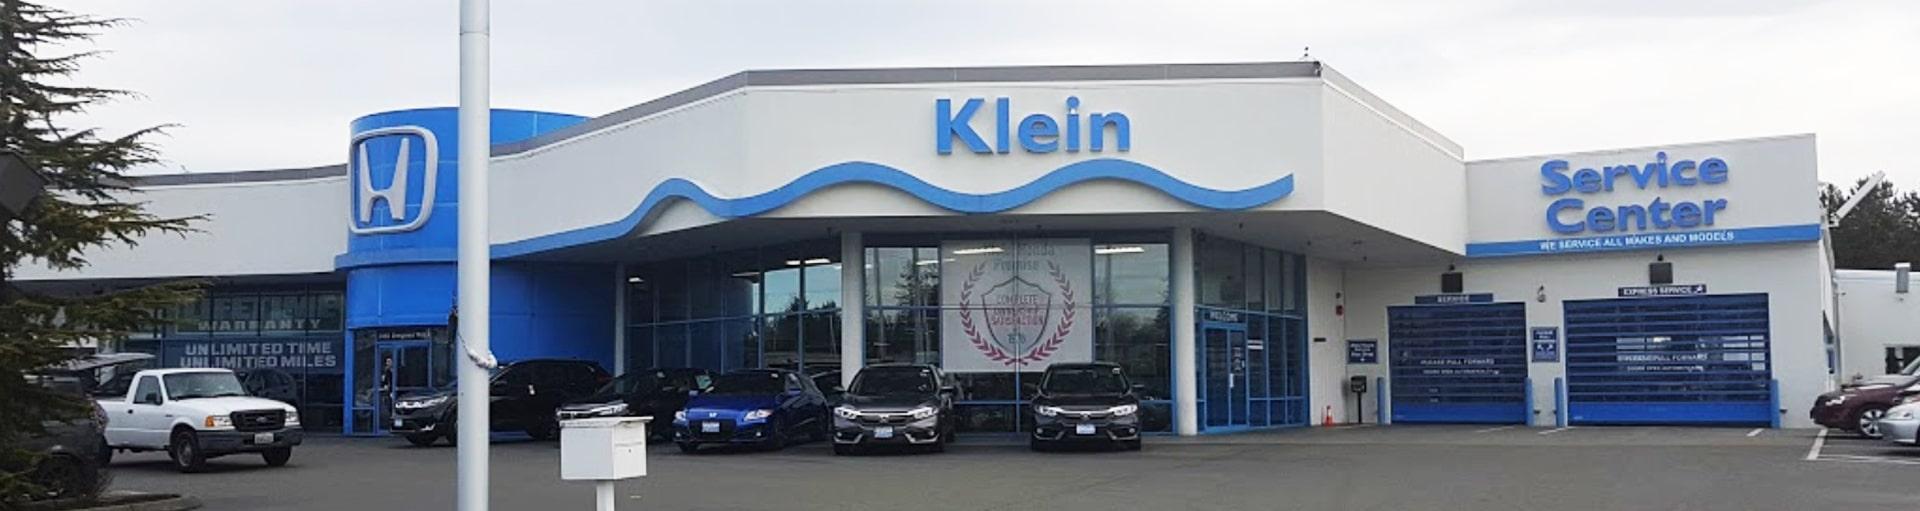 Klein Honda Service Specials